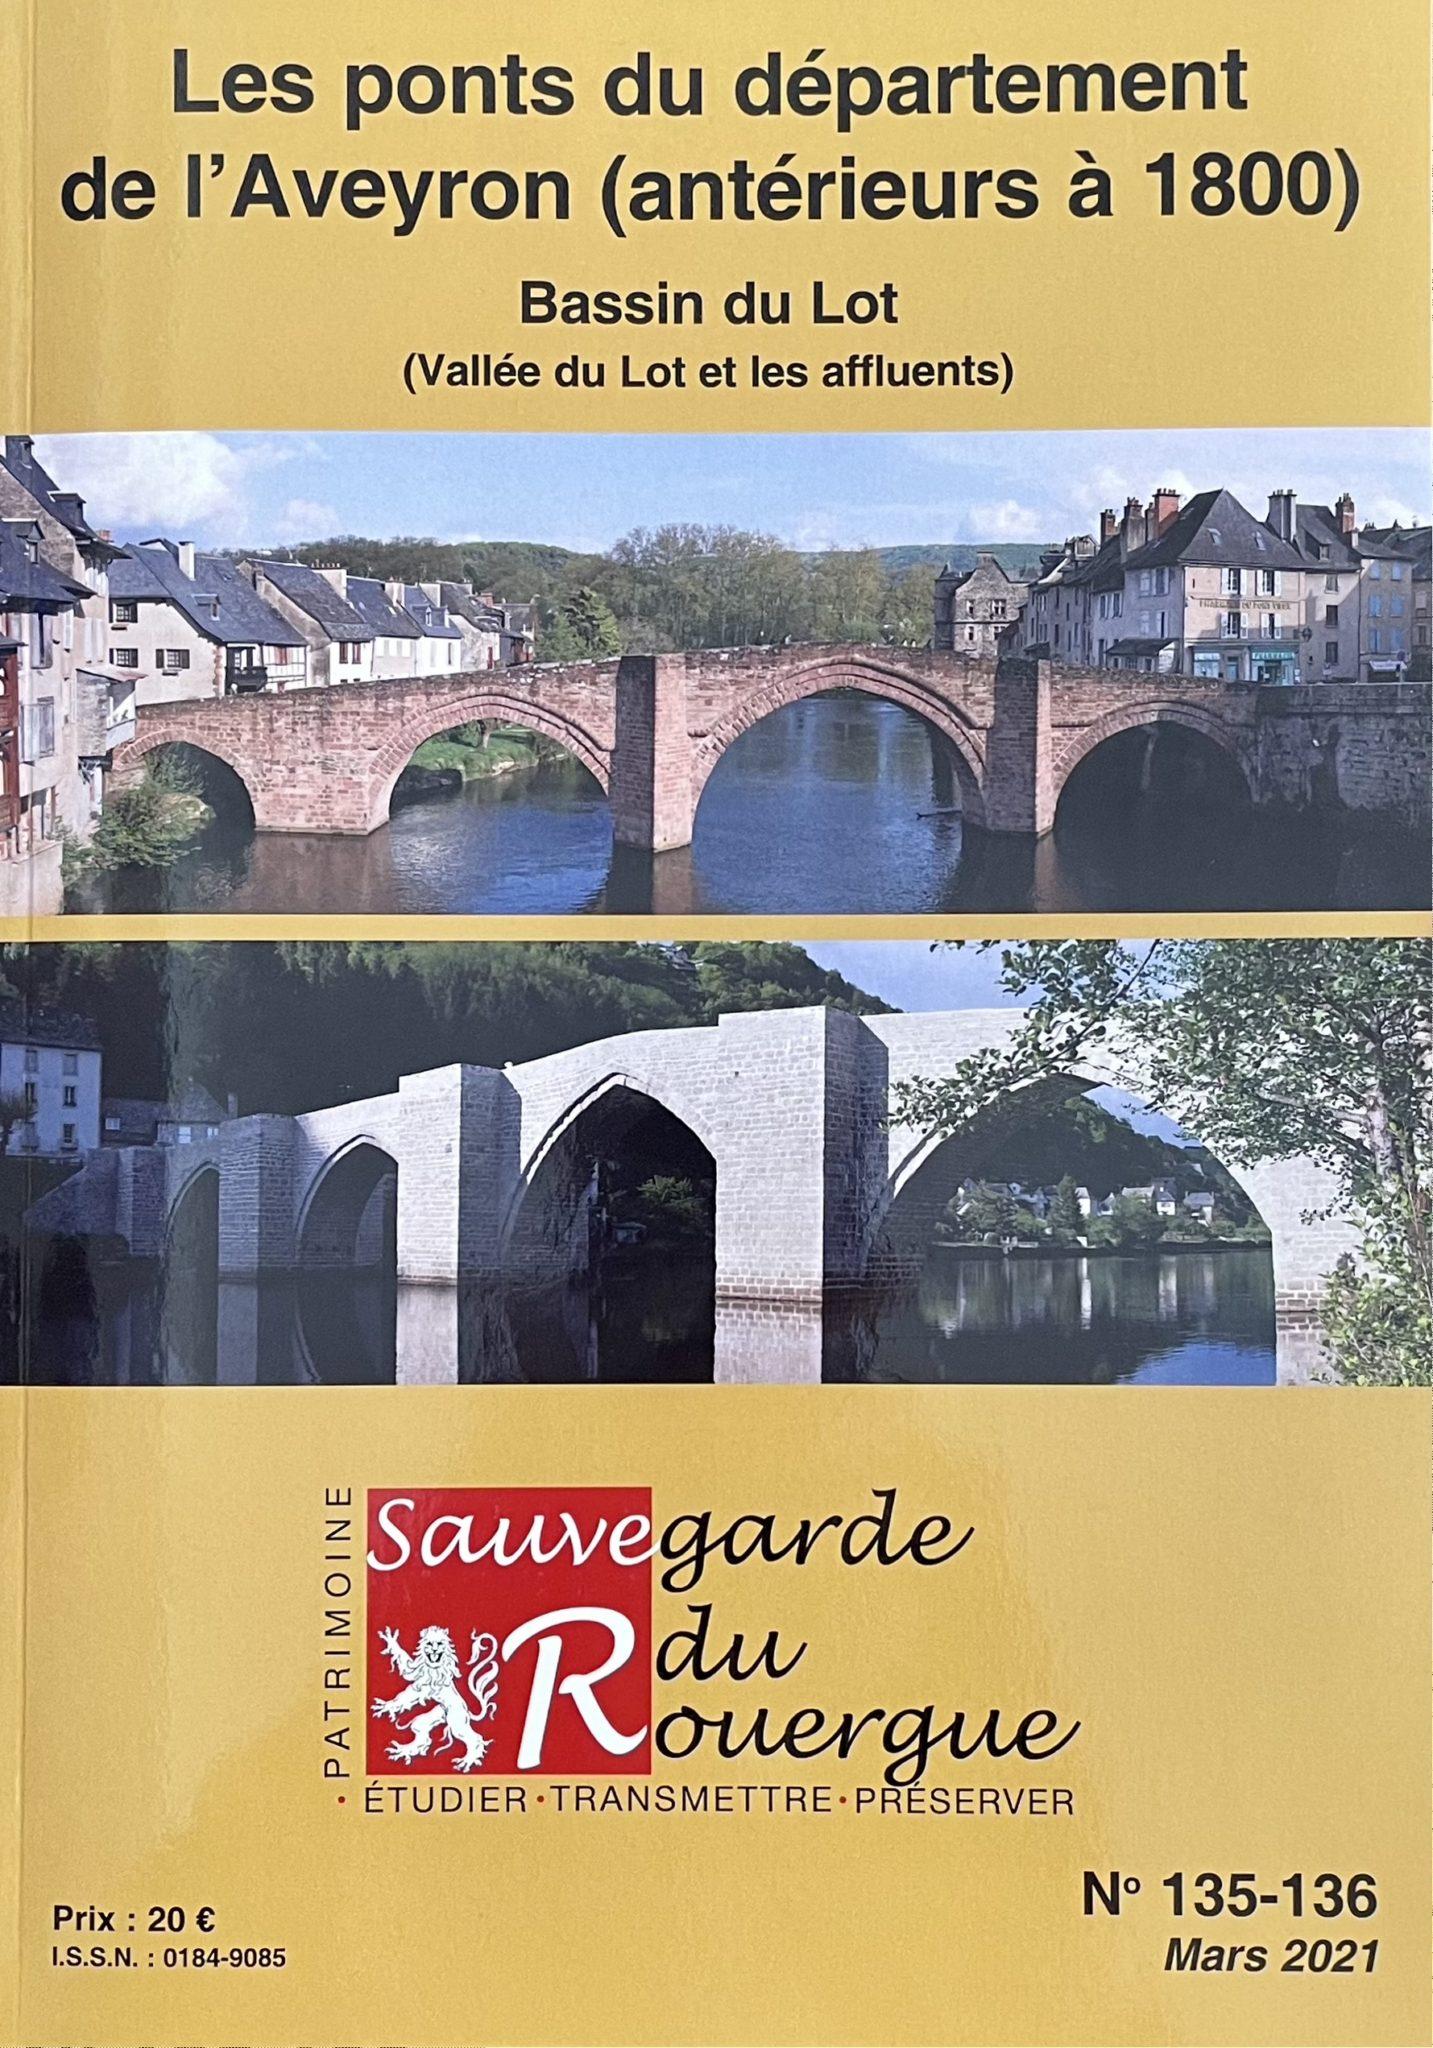 Les ponts du département de l'Aveyron (antérieurs à 1800) Bassin du Lot